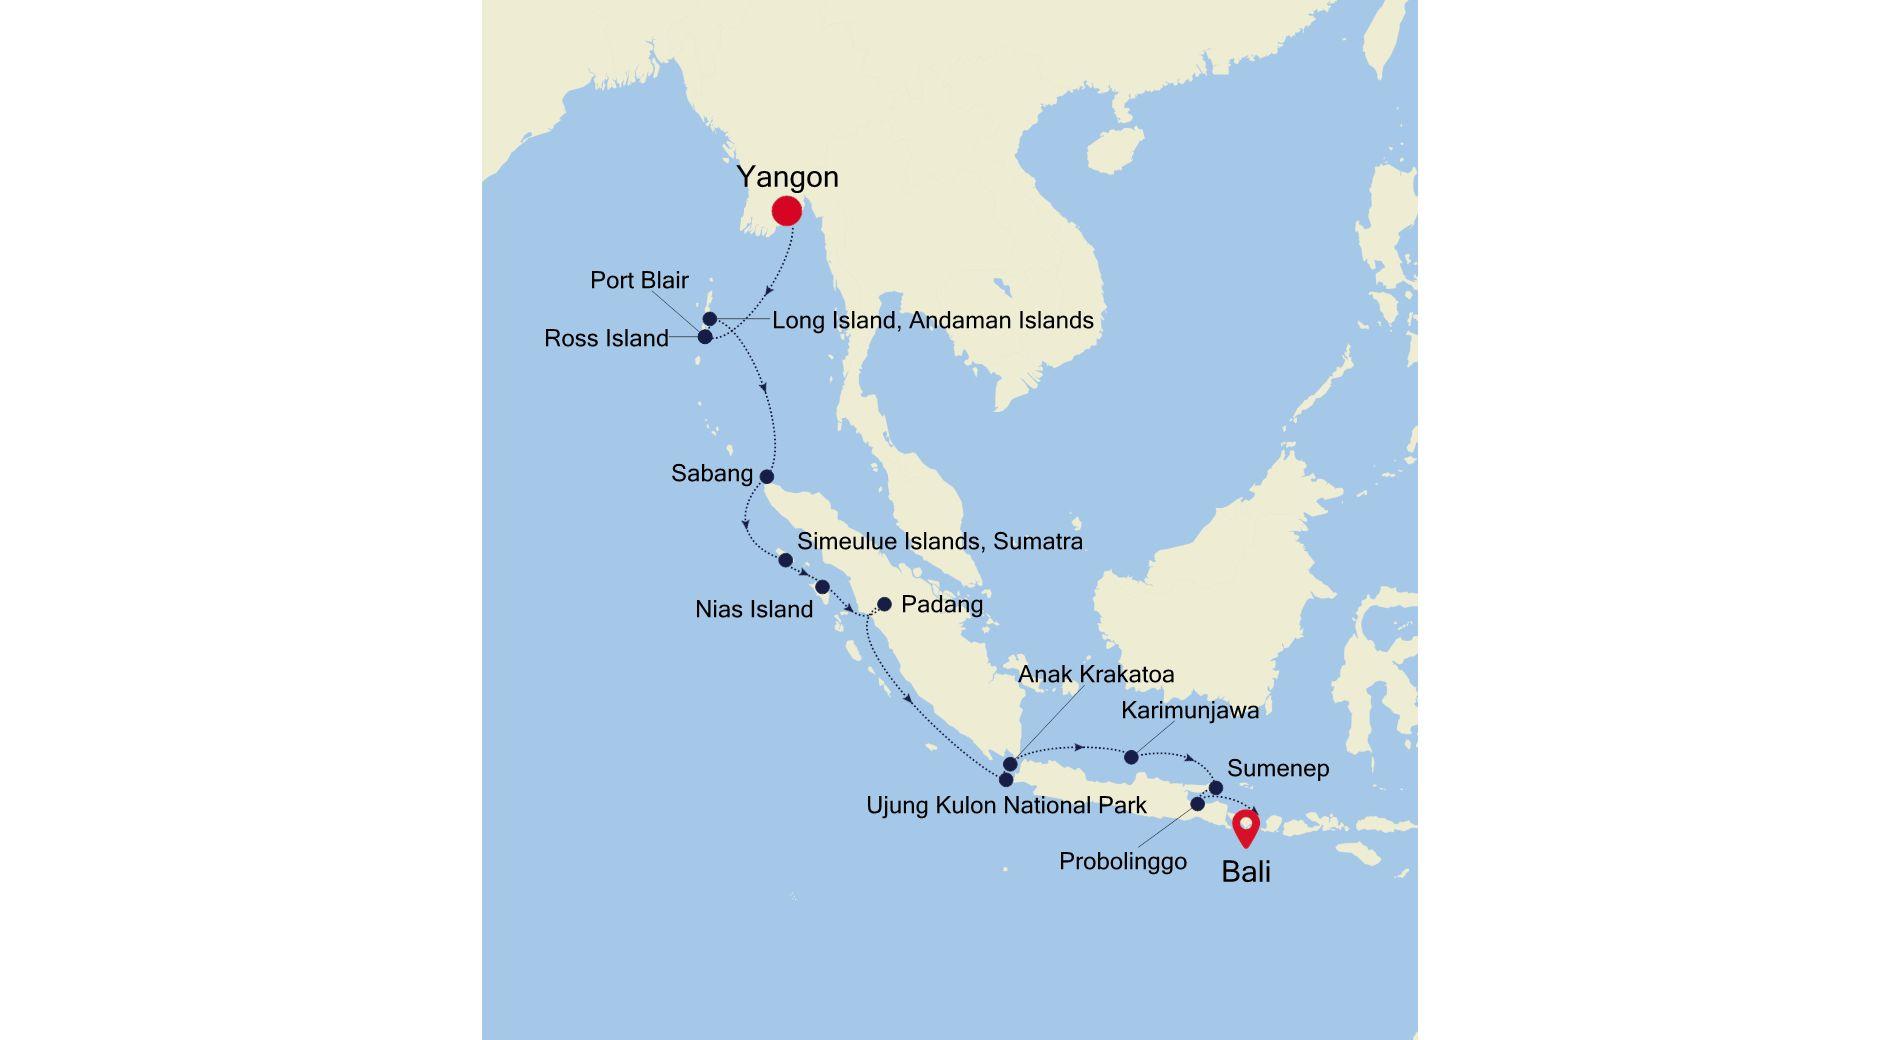 9905 - Yangon à Bali